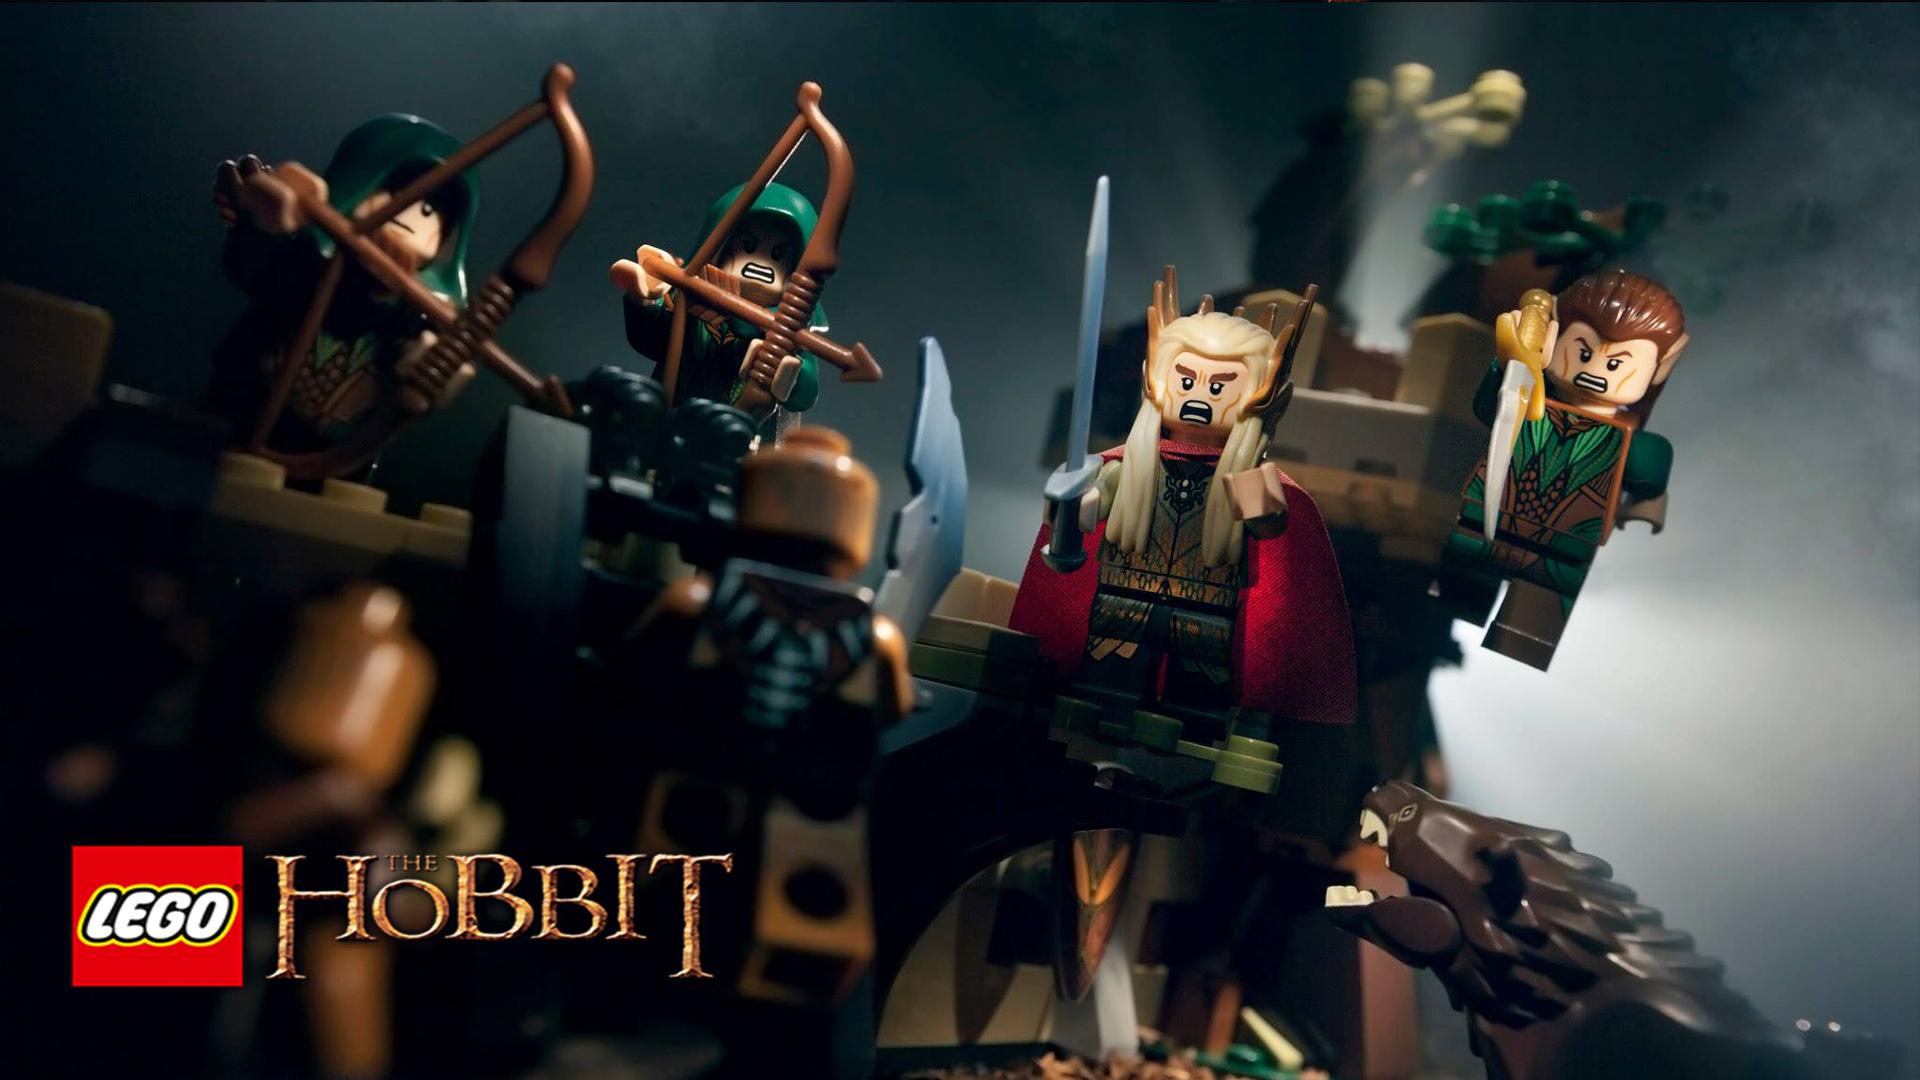 Jeux Vido LEGO The Hobbit Lego Hobbit Lgo Thranduil Fond dcran 1920x1080